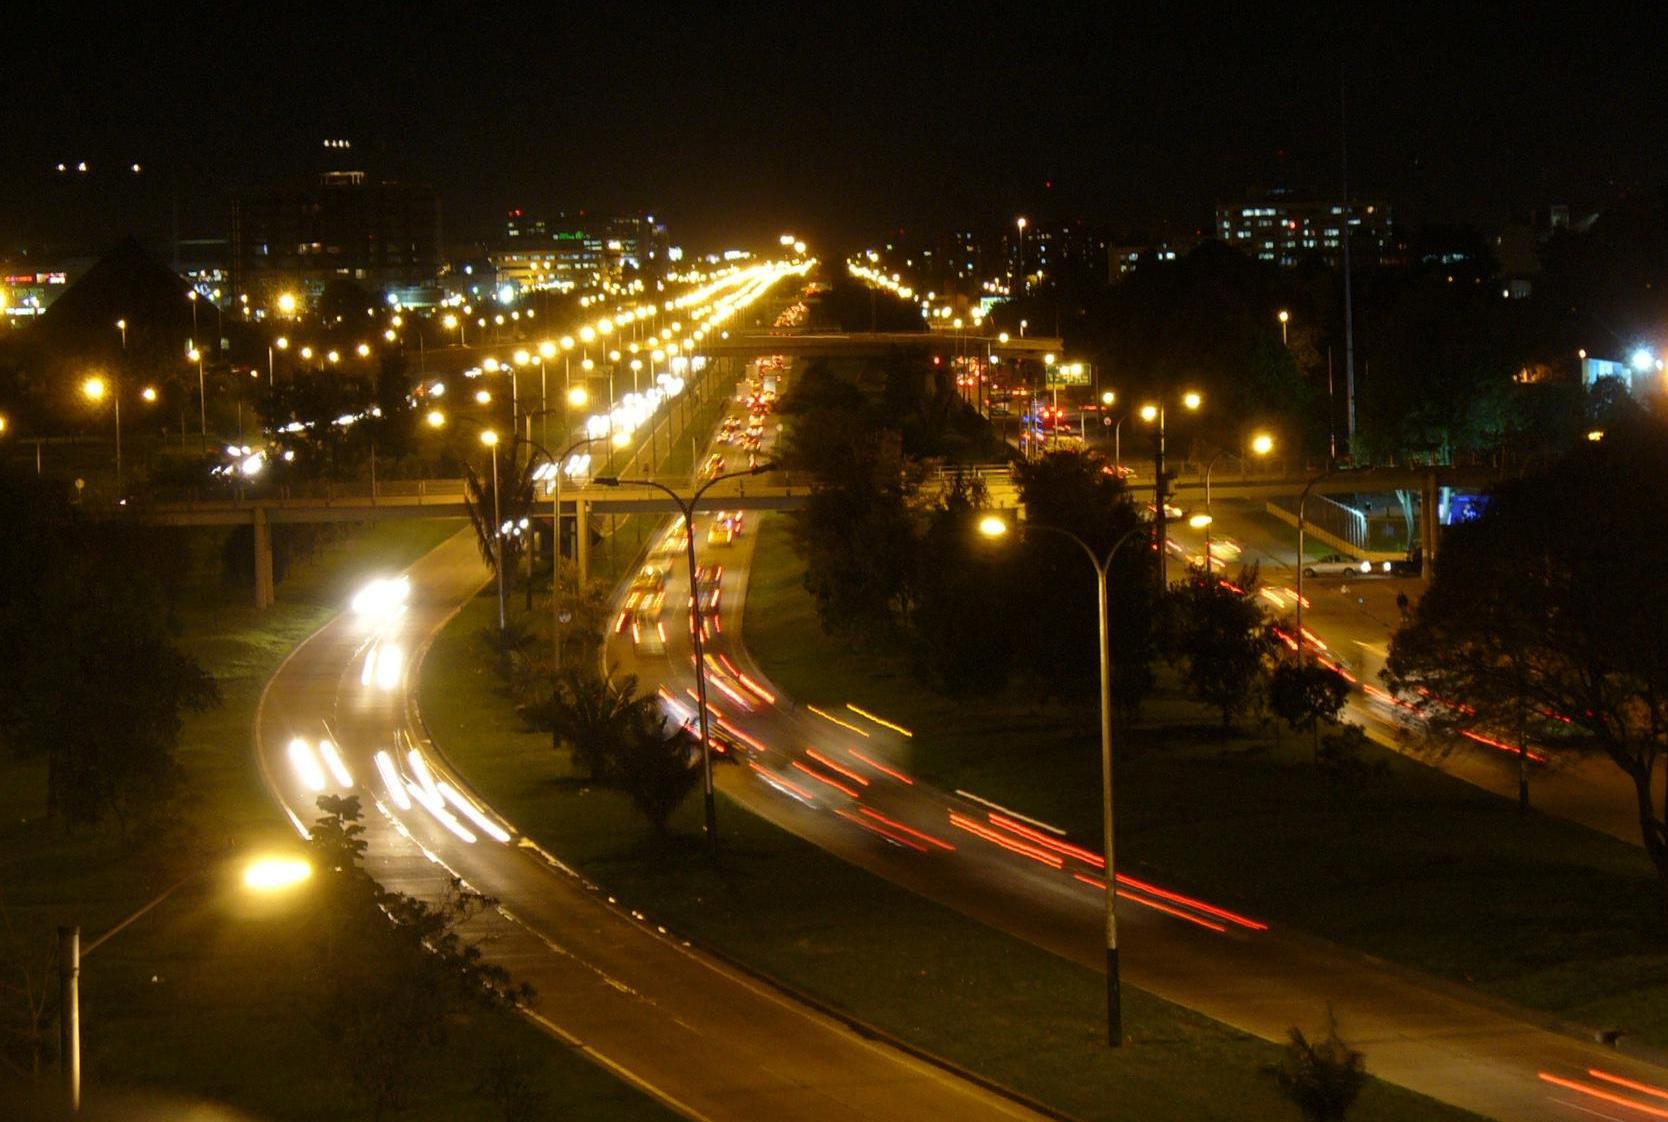 vista nocturna de la avenida el dorado in bogota colombia